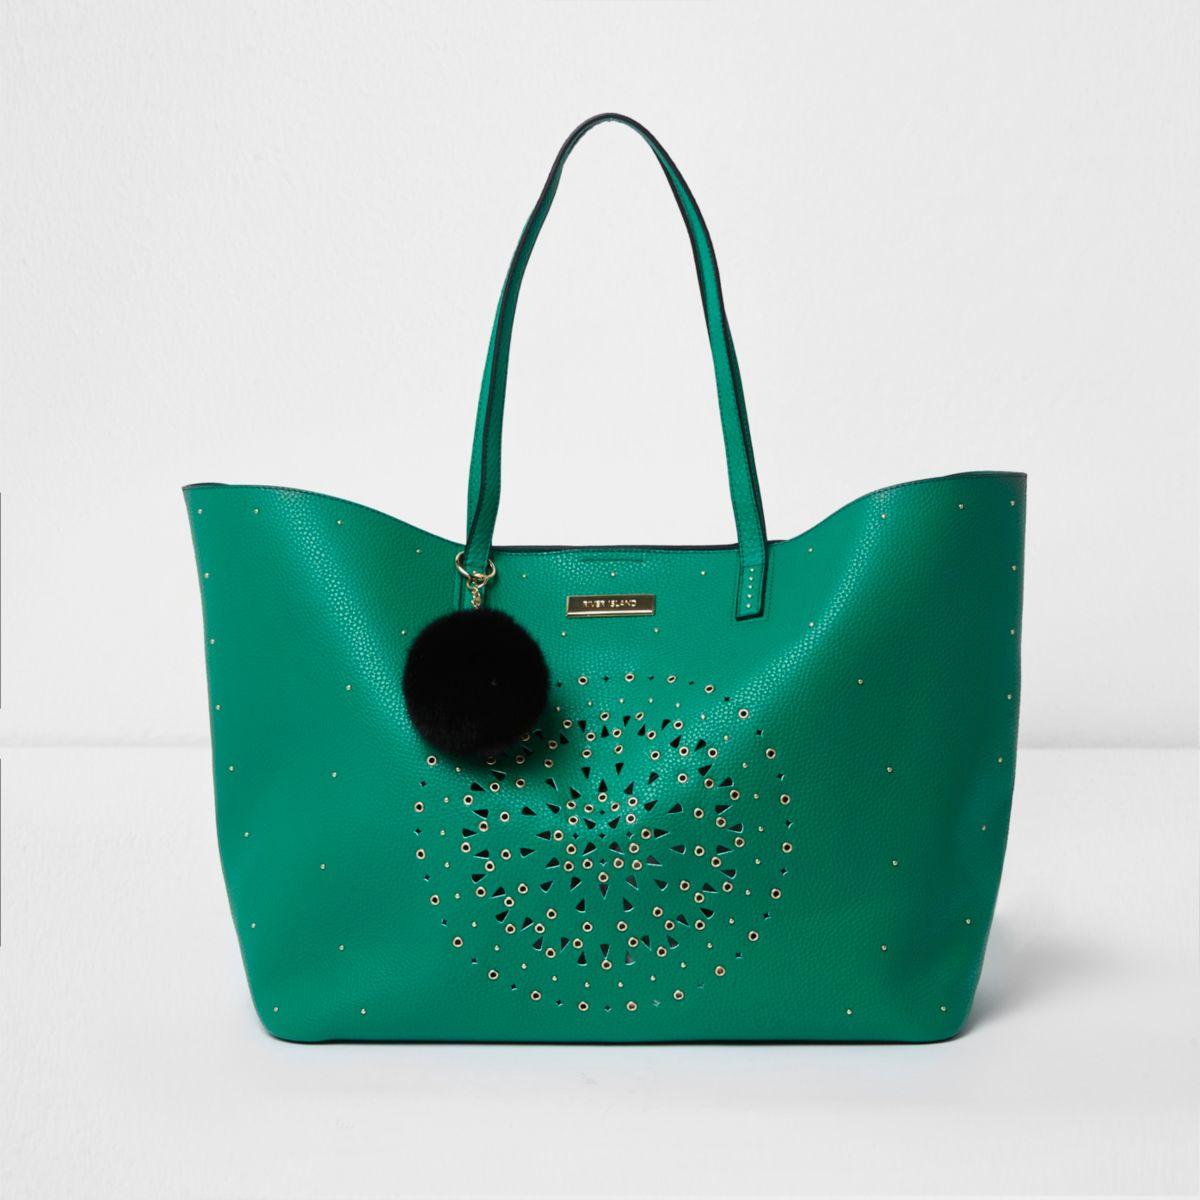 Green laser cut eyelet large tote bag